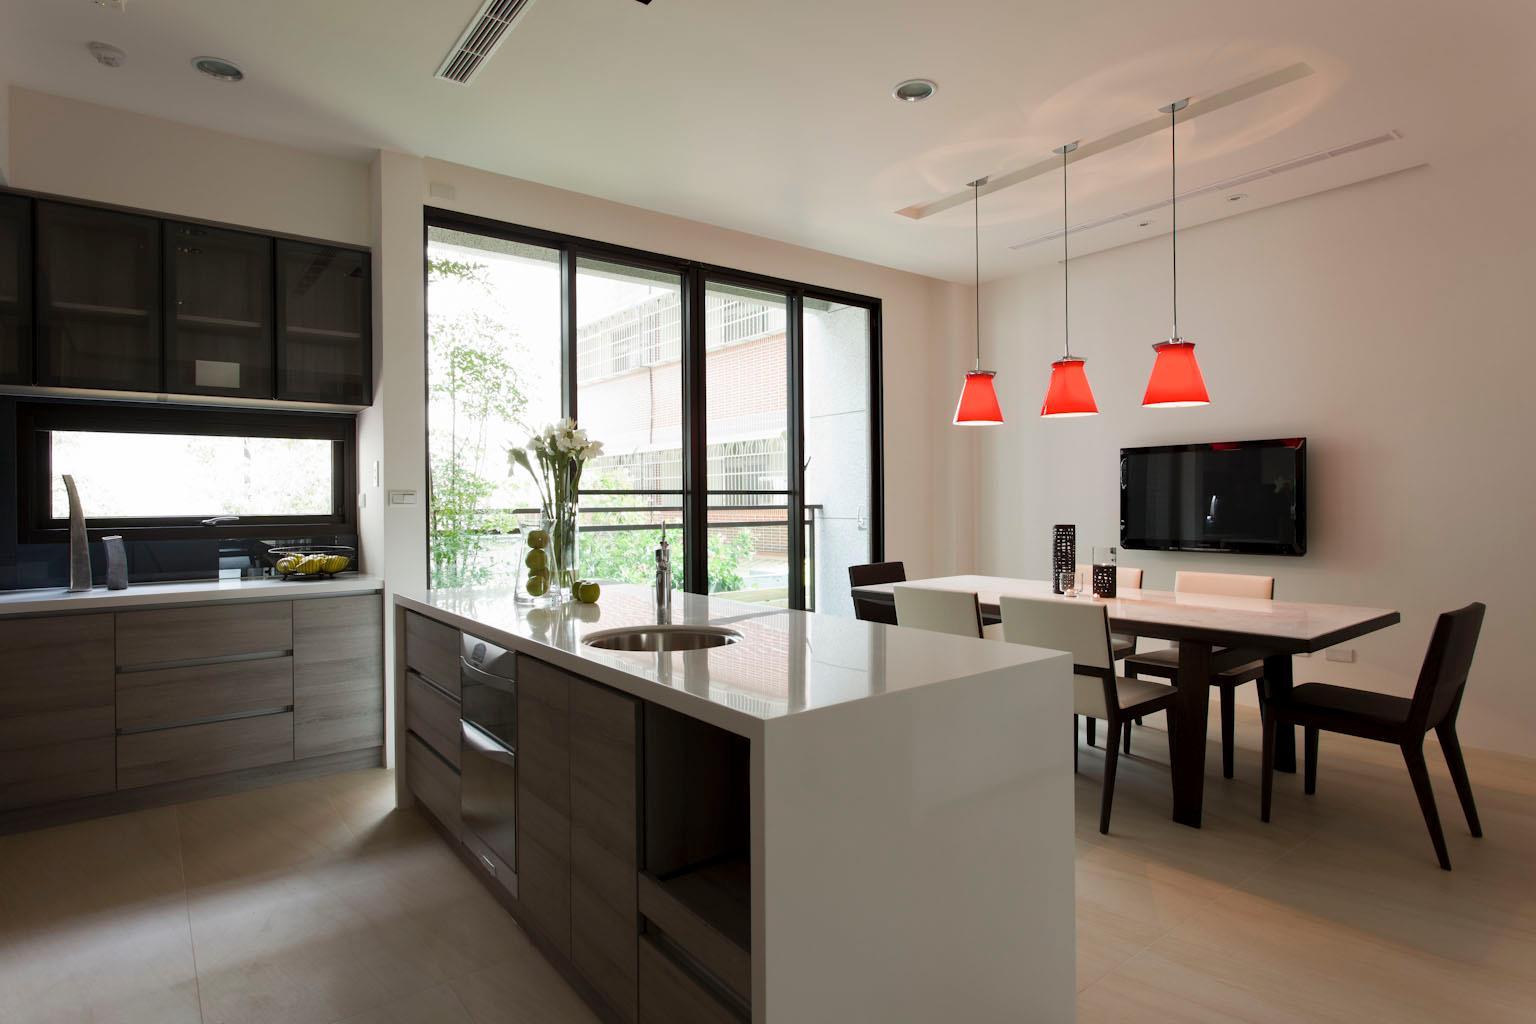 Kitchen Diner Design Ideas Hawk Haven